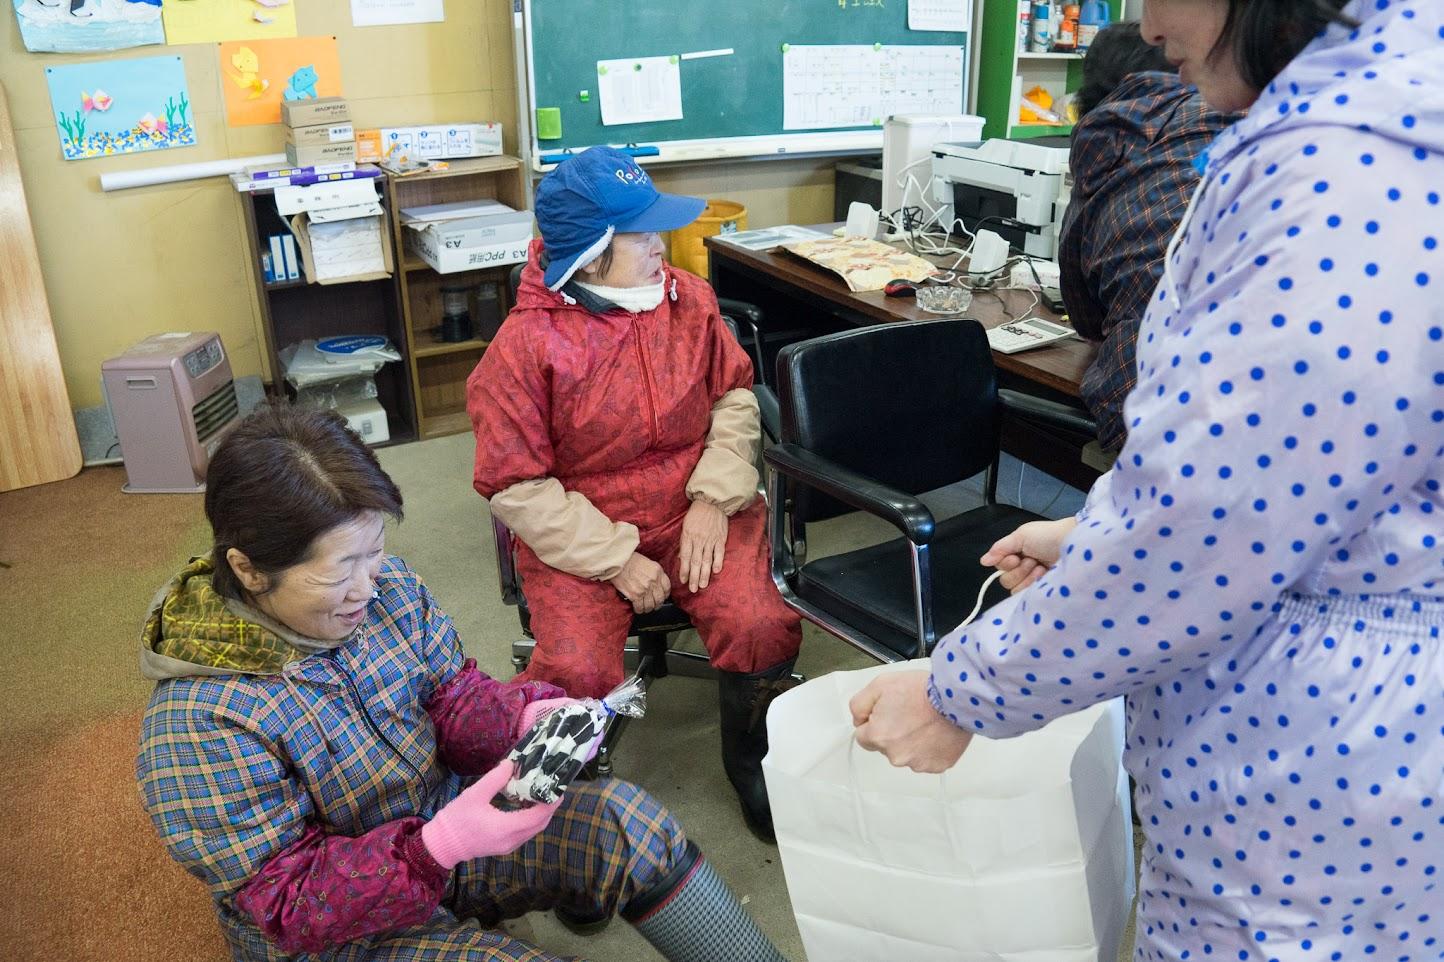 谷恵さんの手作りの「腕カバー」がプレゼントされます